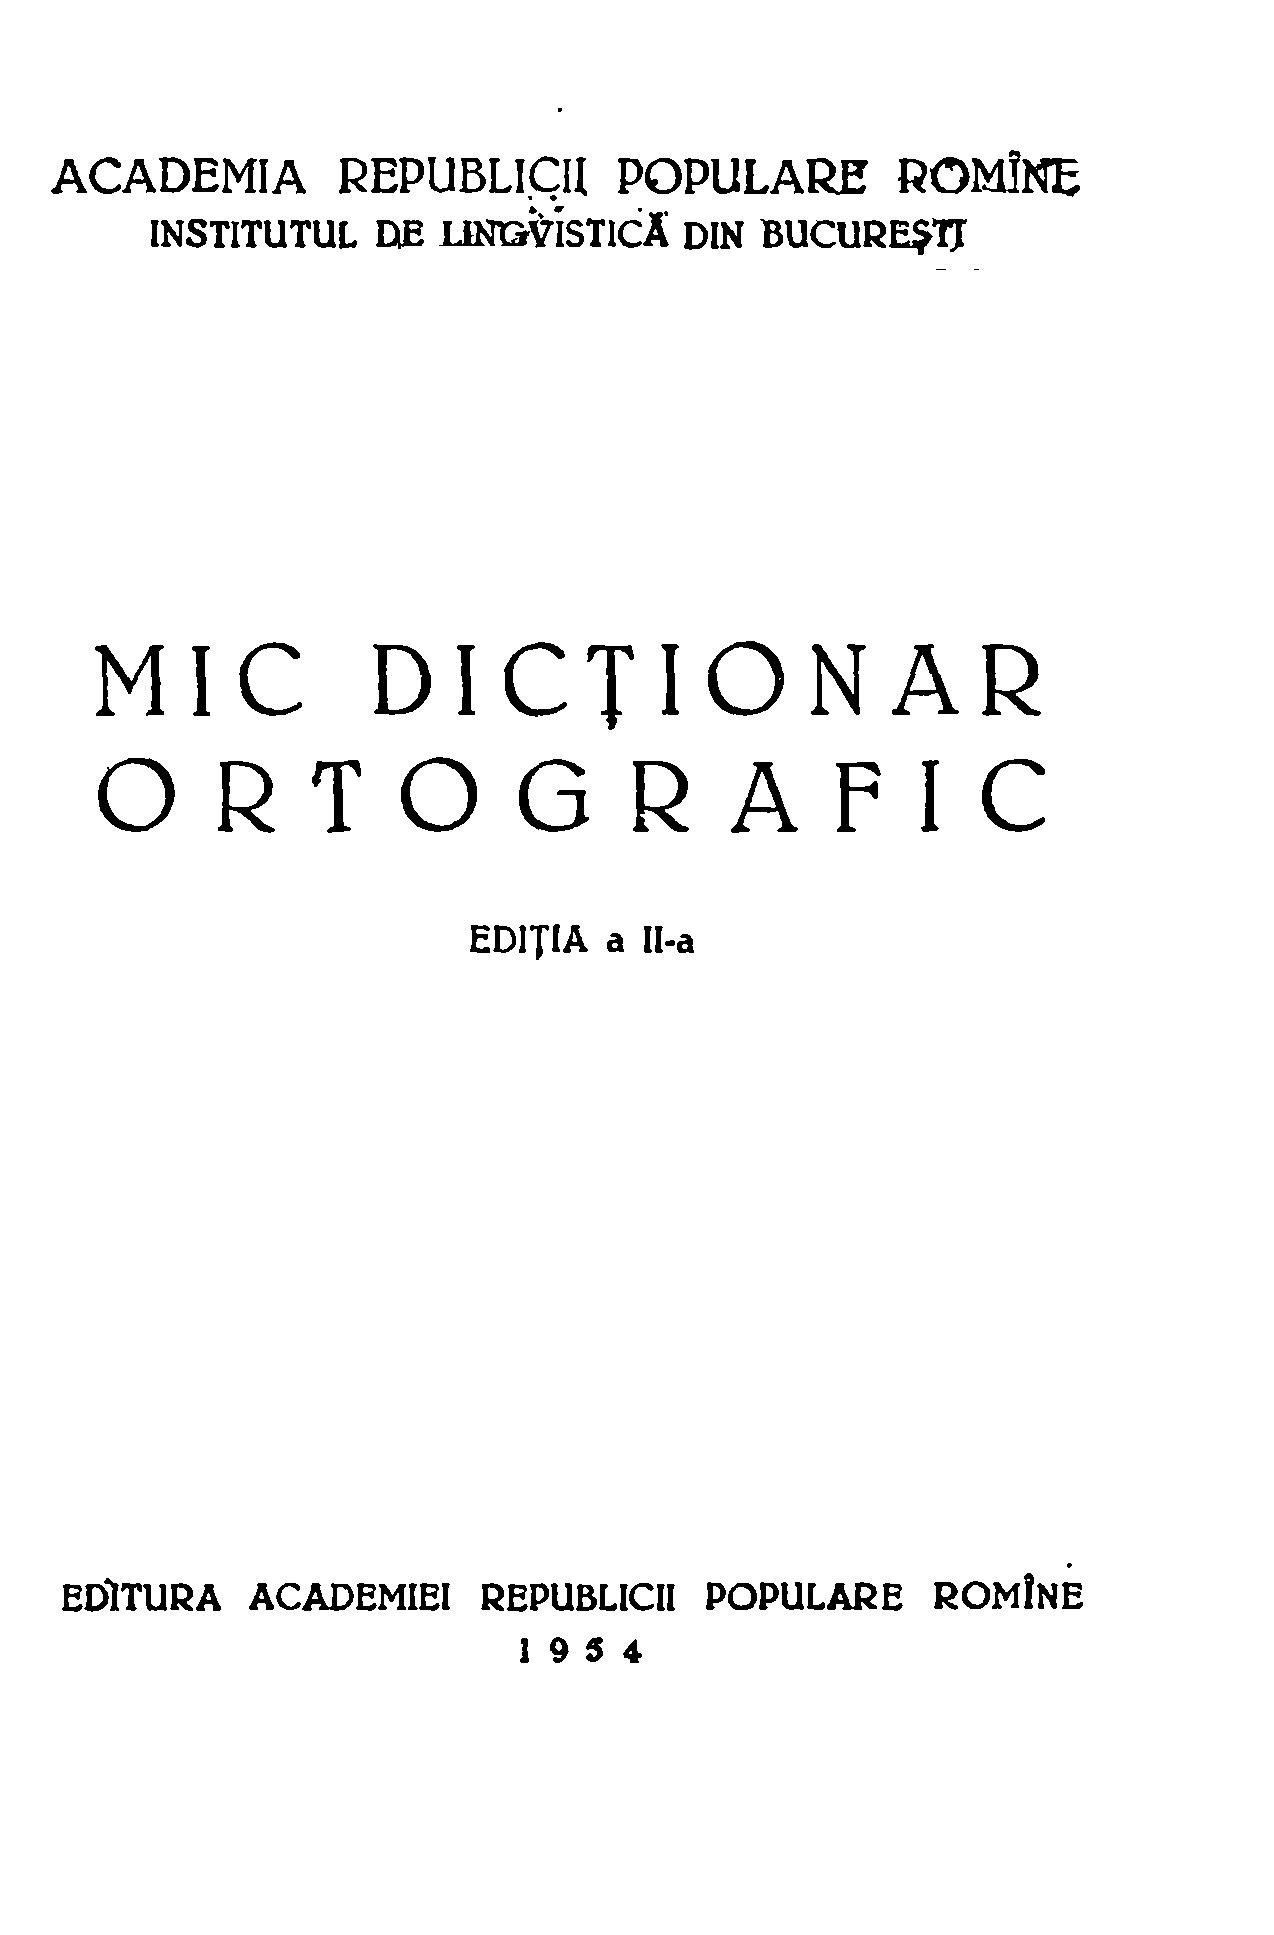 1954 - Mic dicționar ortografic (1).png